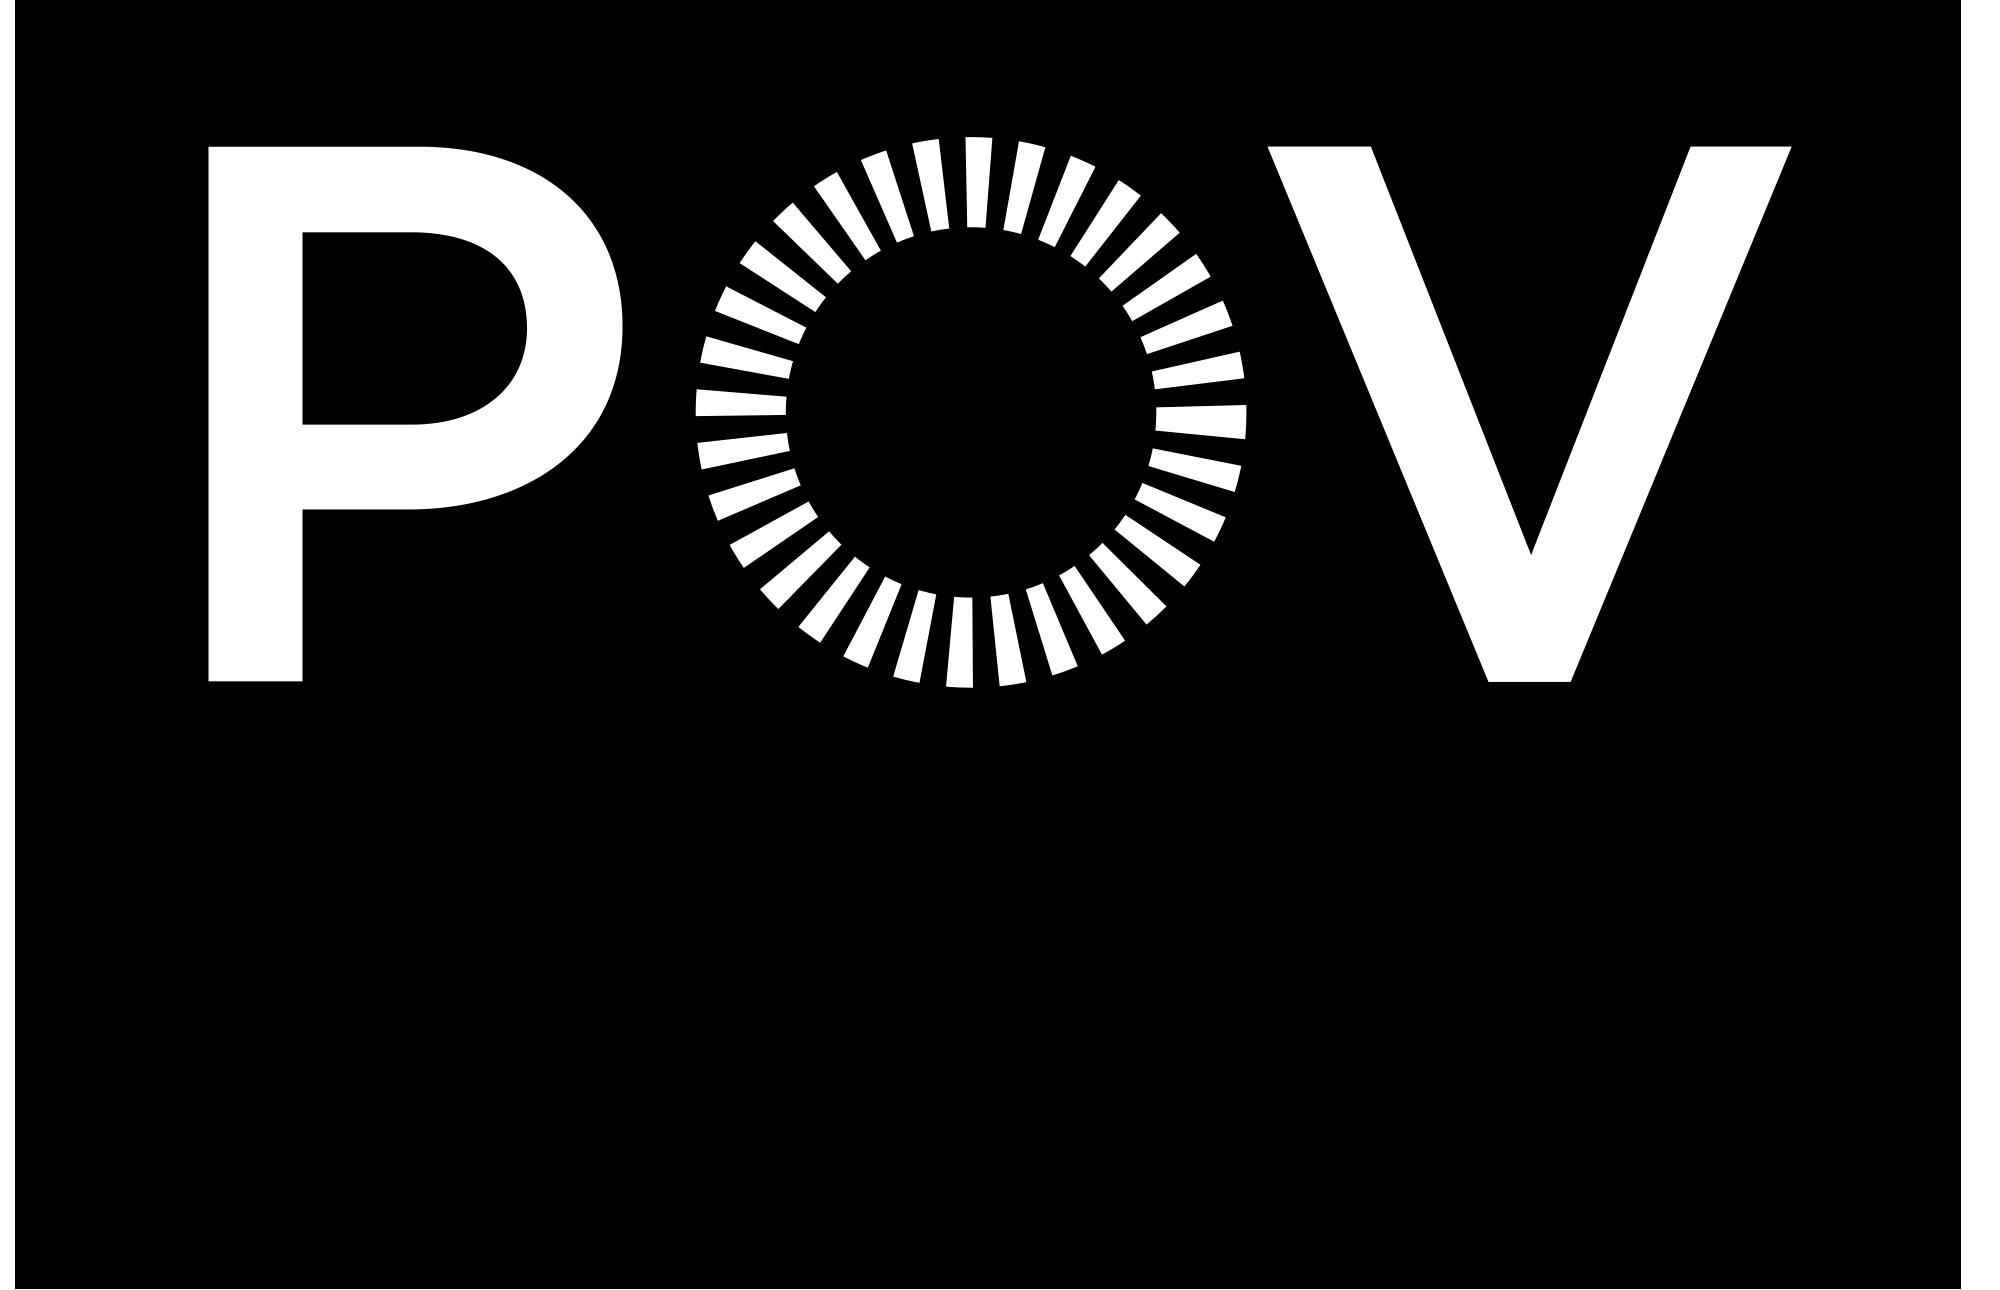 POV Shorts Returns For Season 2 on PBS